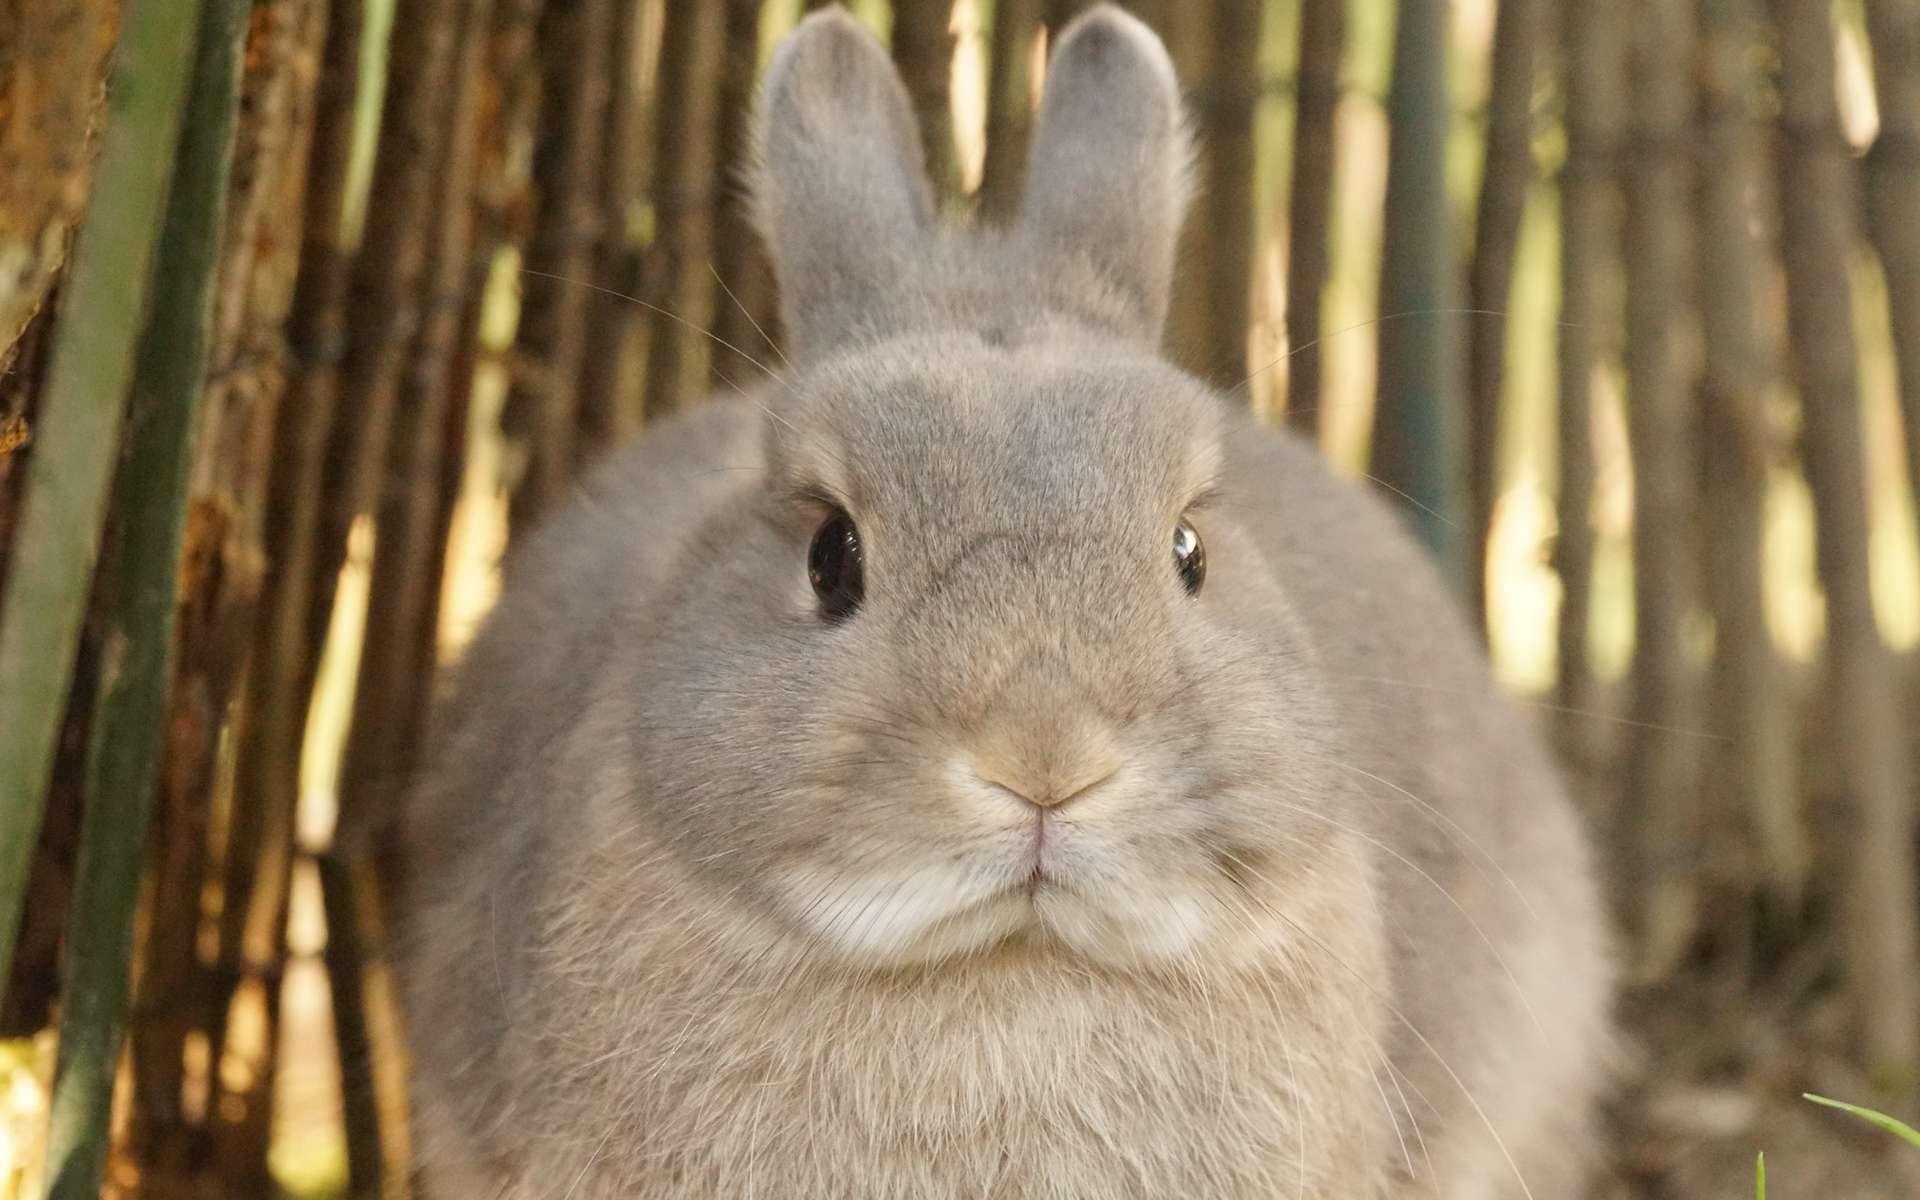 Pourquoi les lapins n'ont-ils que très peu grossi au cours de leur évolution ? © Tjflex2, Flickr